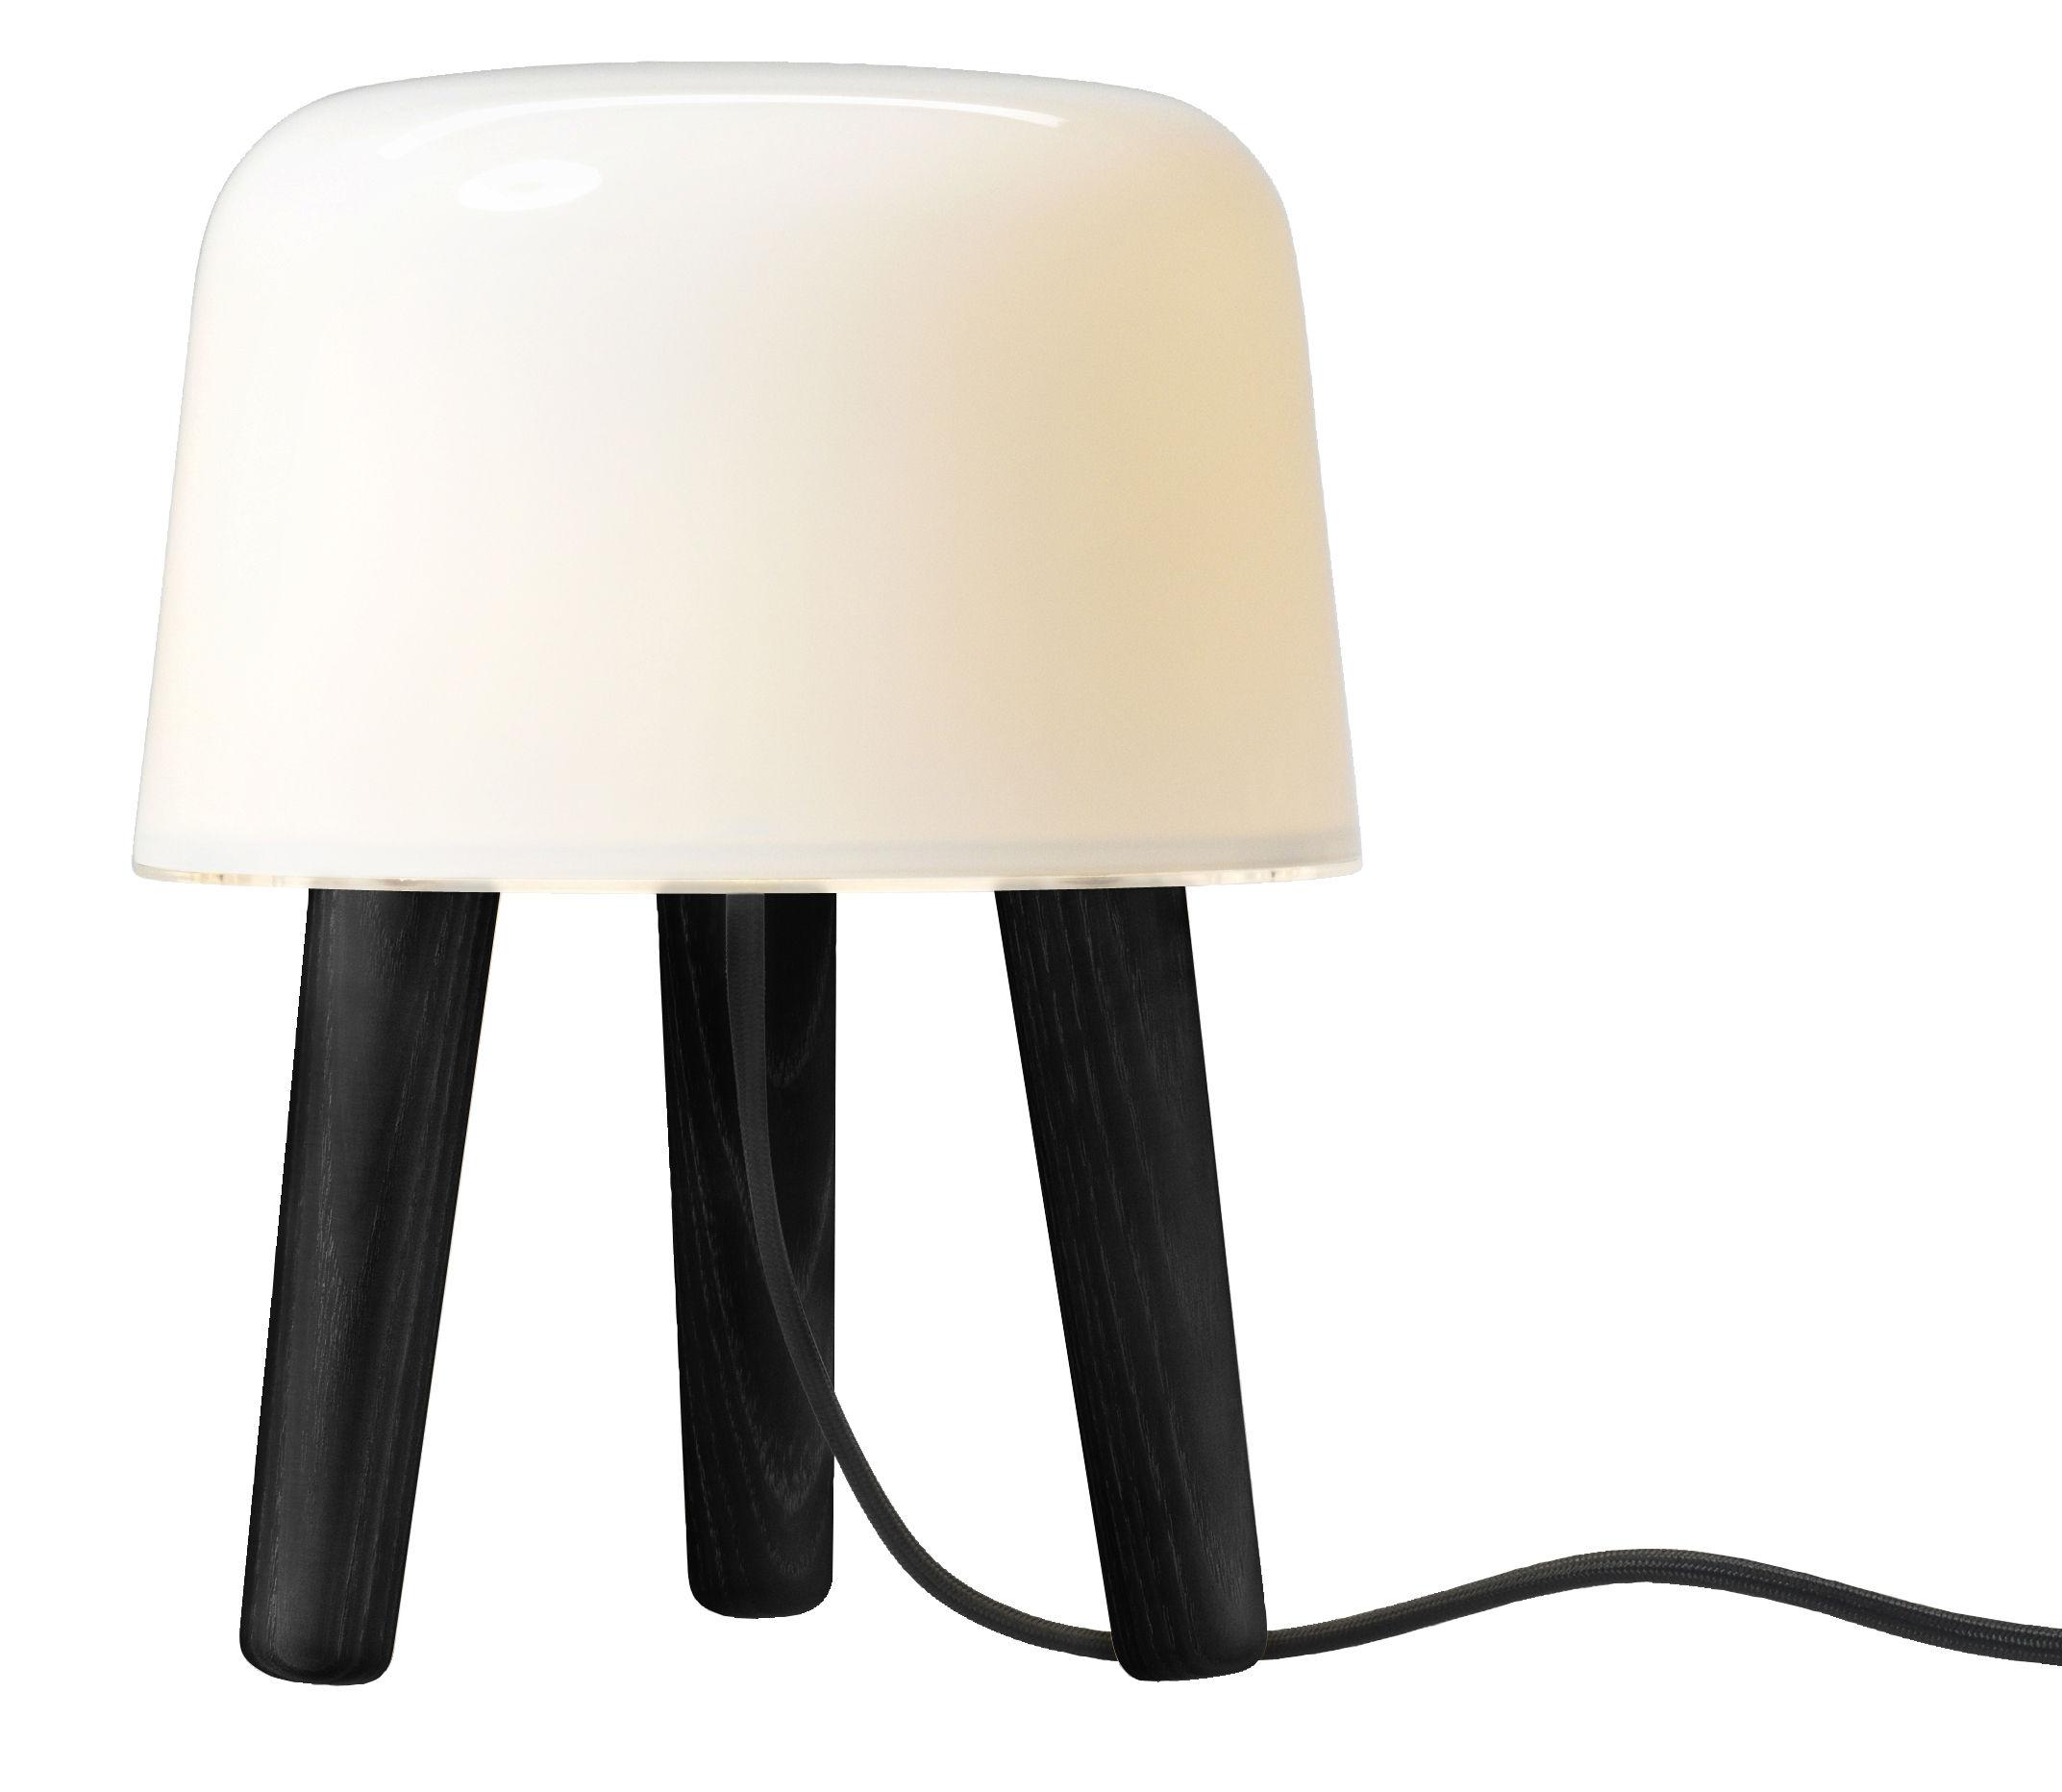 Luminaire - Lampes de table - Lampe de table Milk - &tradition - Blanc / Bois teinté noir / Cordon noir - Chêne teinté, Verre soufflé bouche